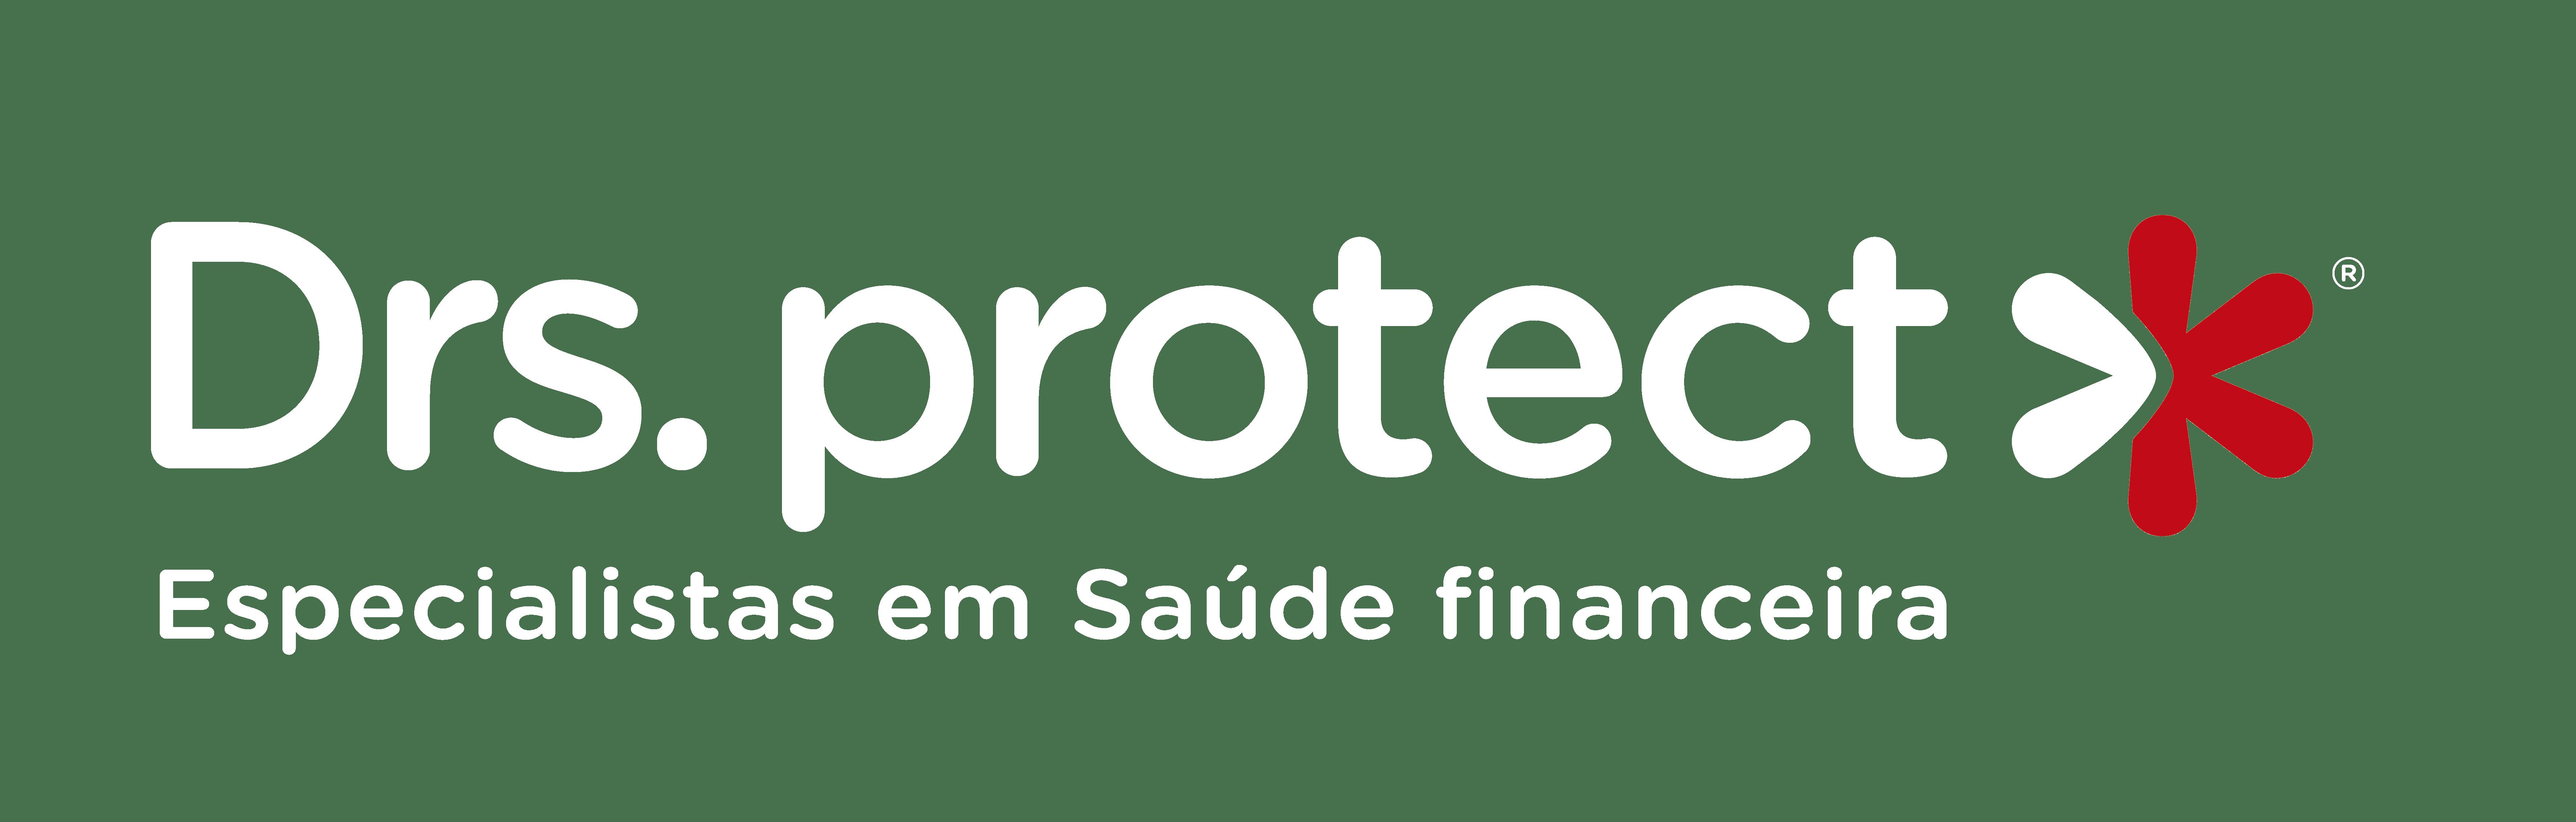 Drs. protect, especialistas em Saúde financeira das PMEs